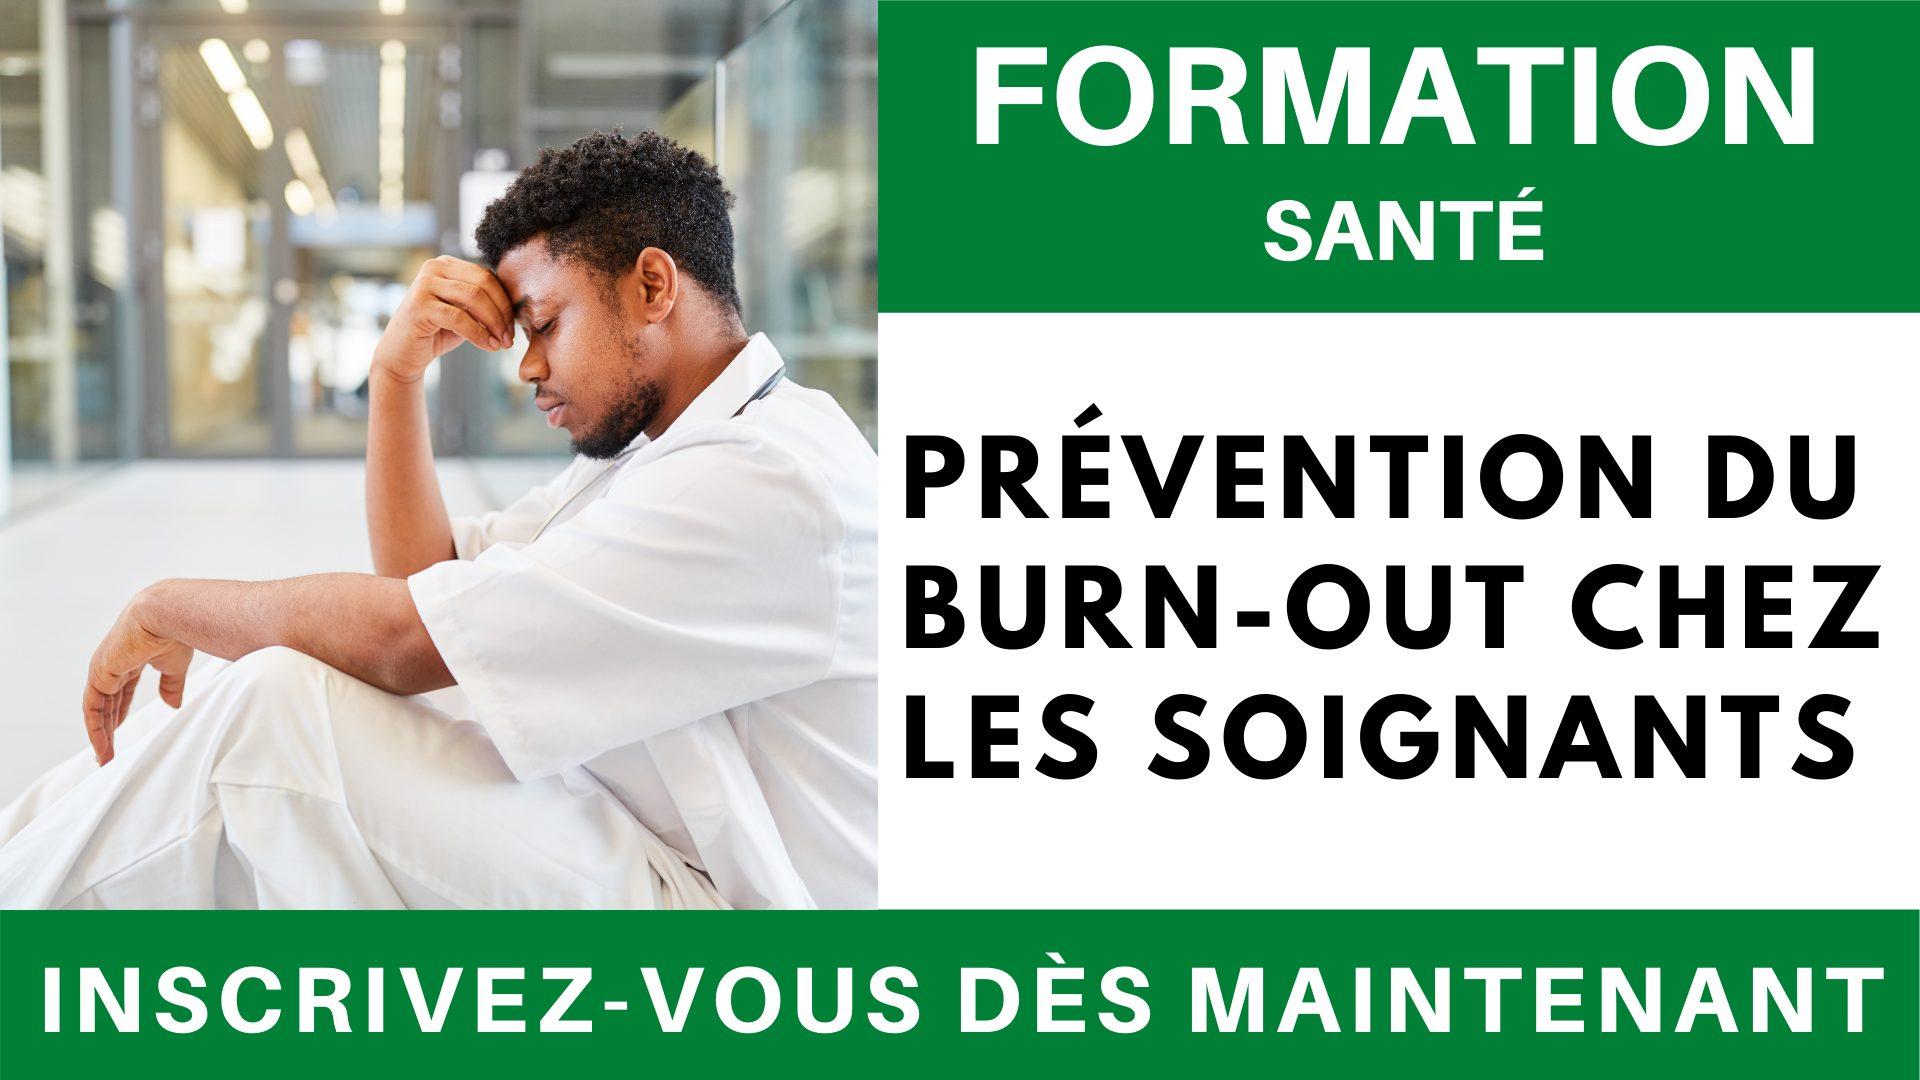 Formation SANTE - Prévention burn-out chez les soignants